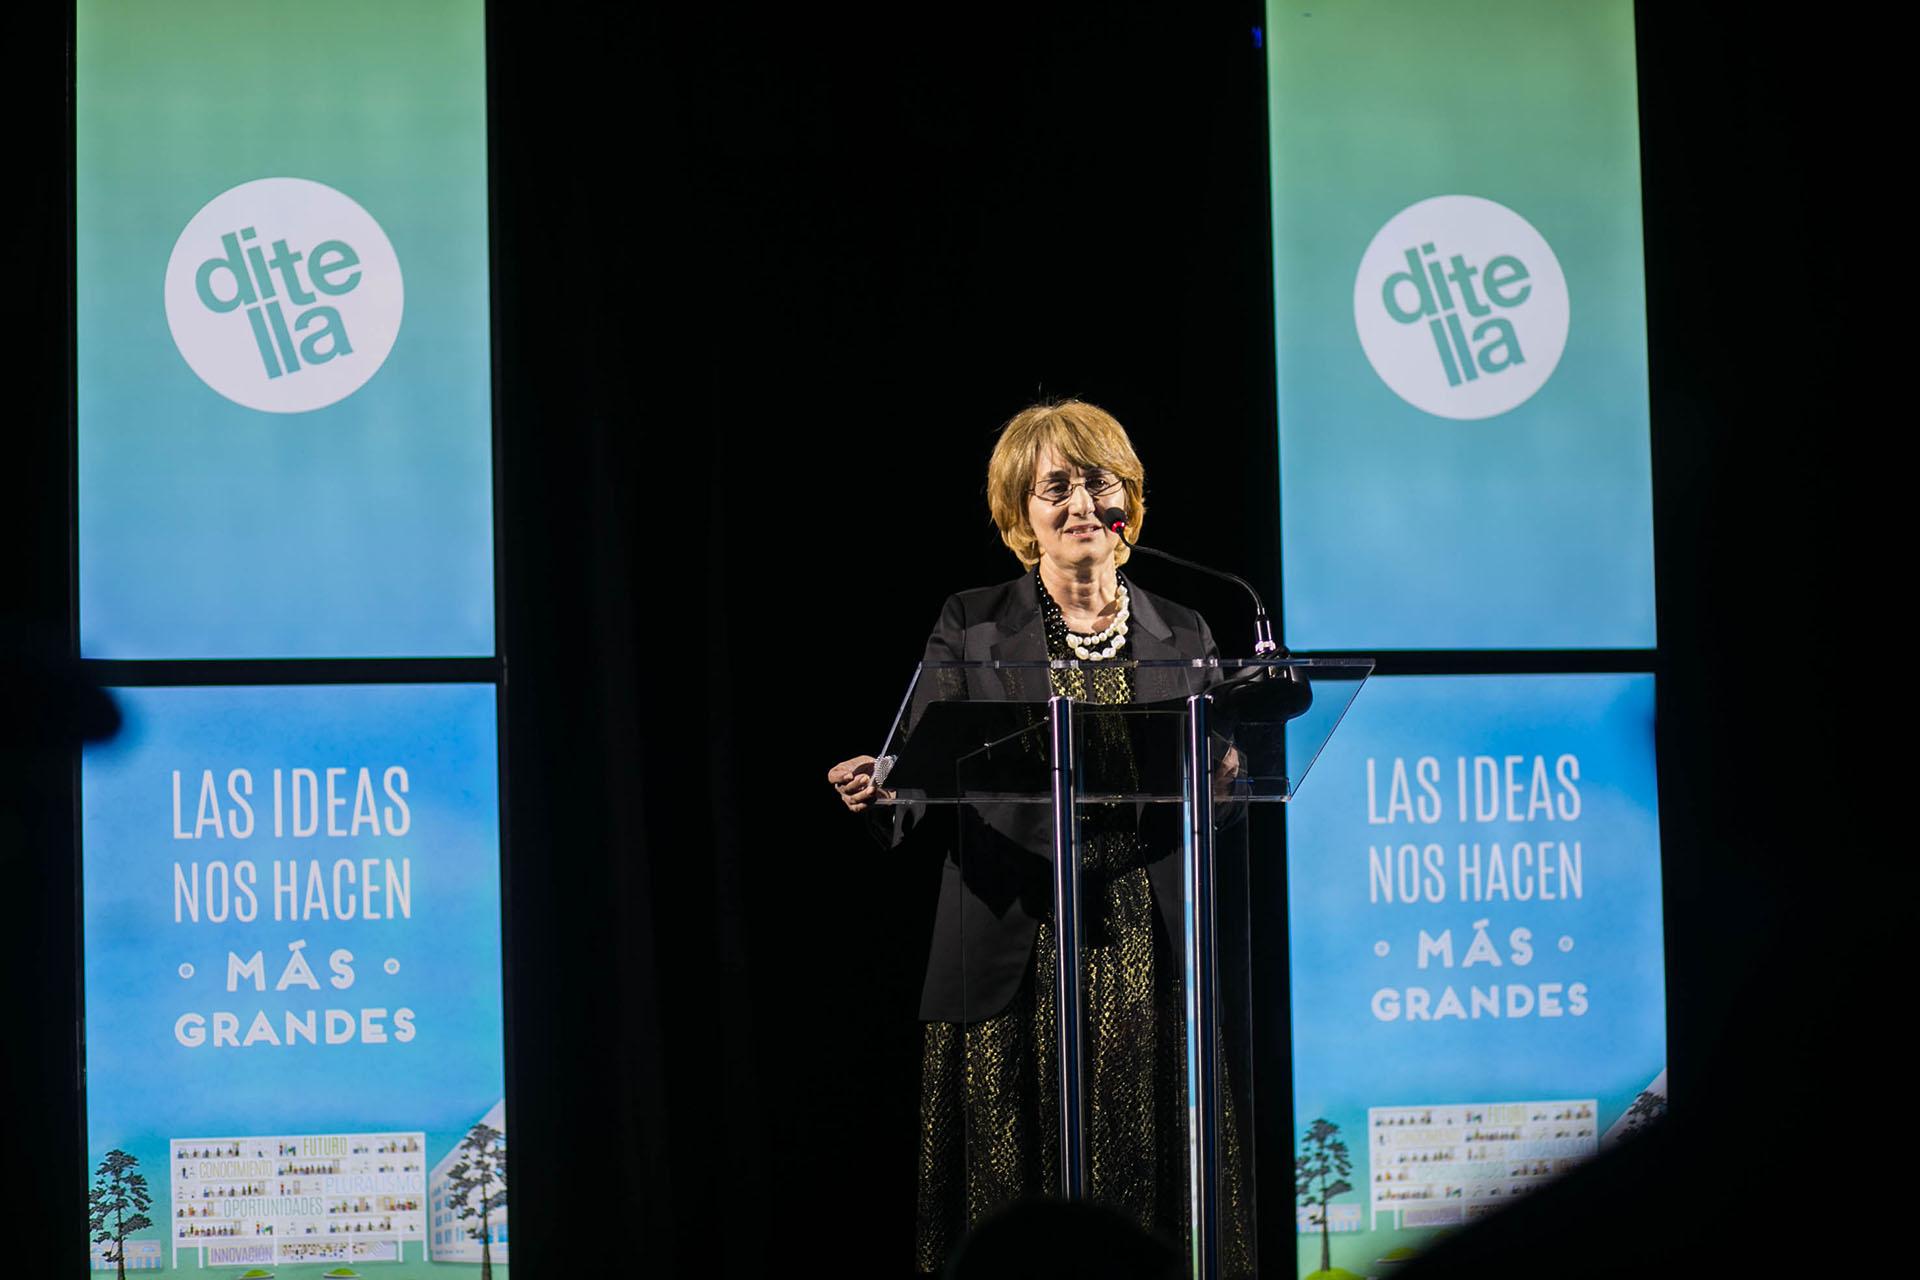 El discurso de la presidente del Consejo de Dirección, Graciela Cairoli